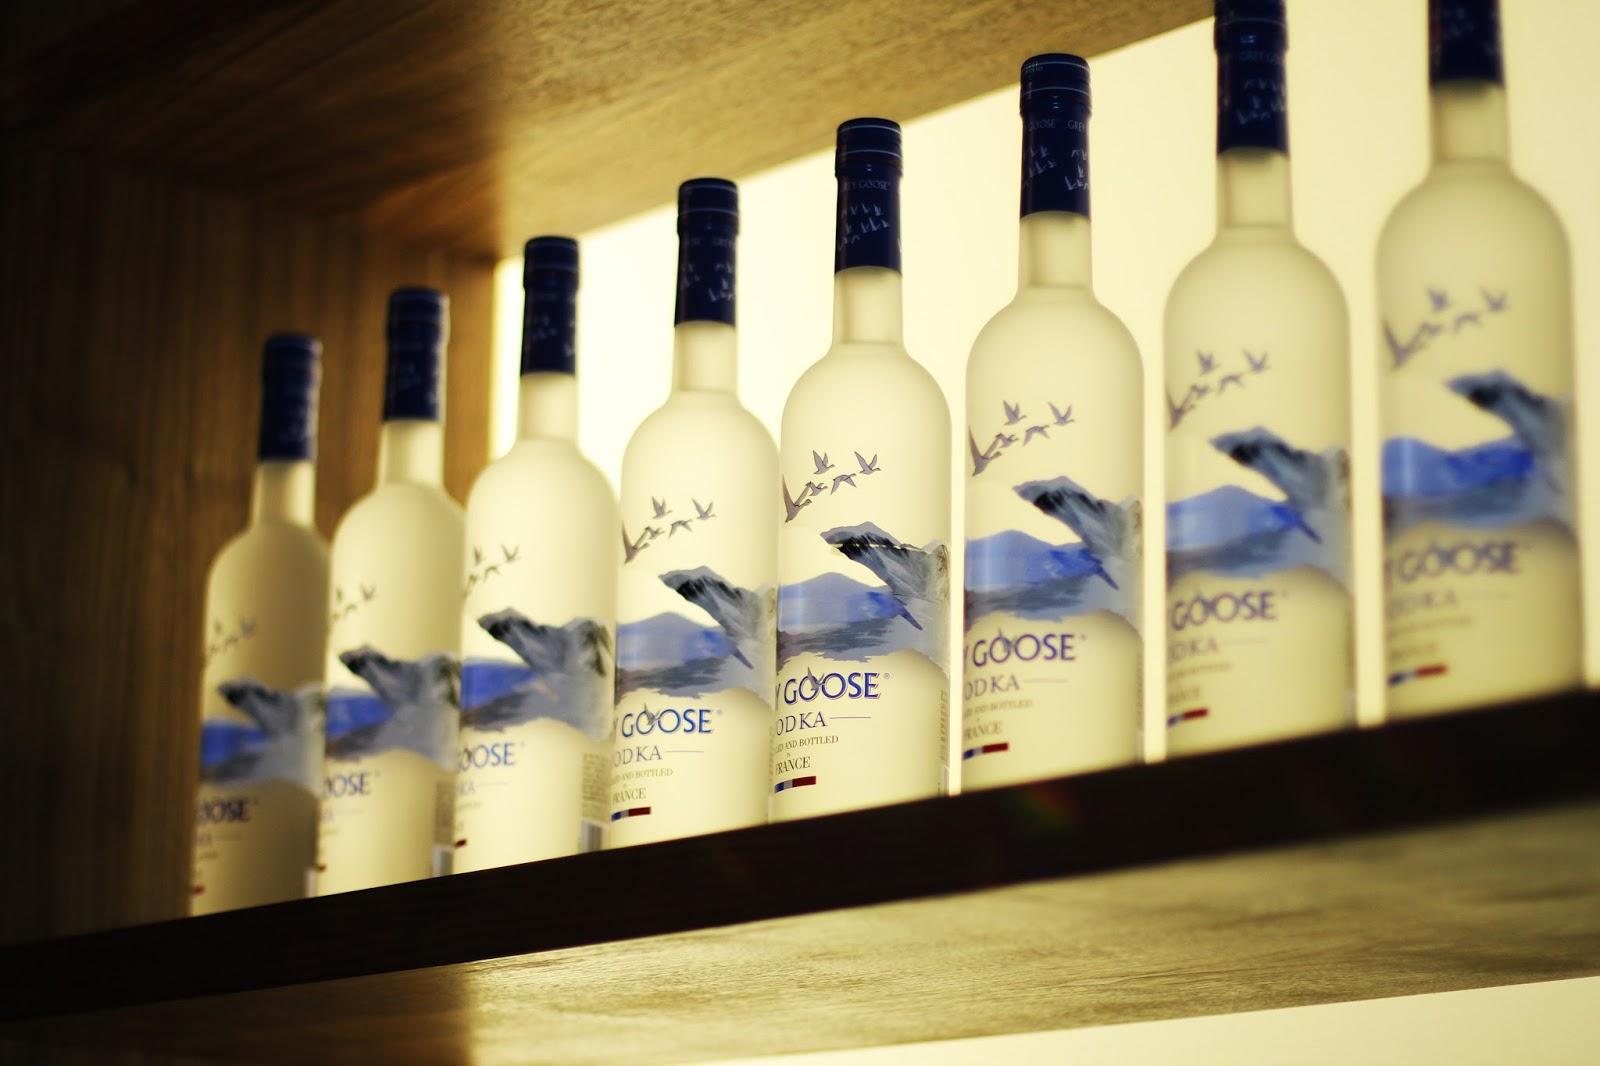 wodkaflaschen von grey goose event in berlin